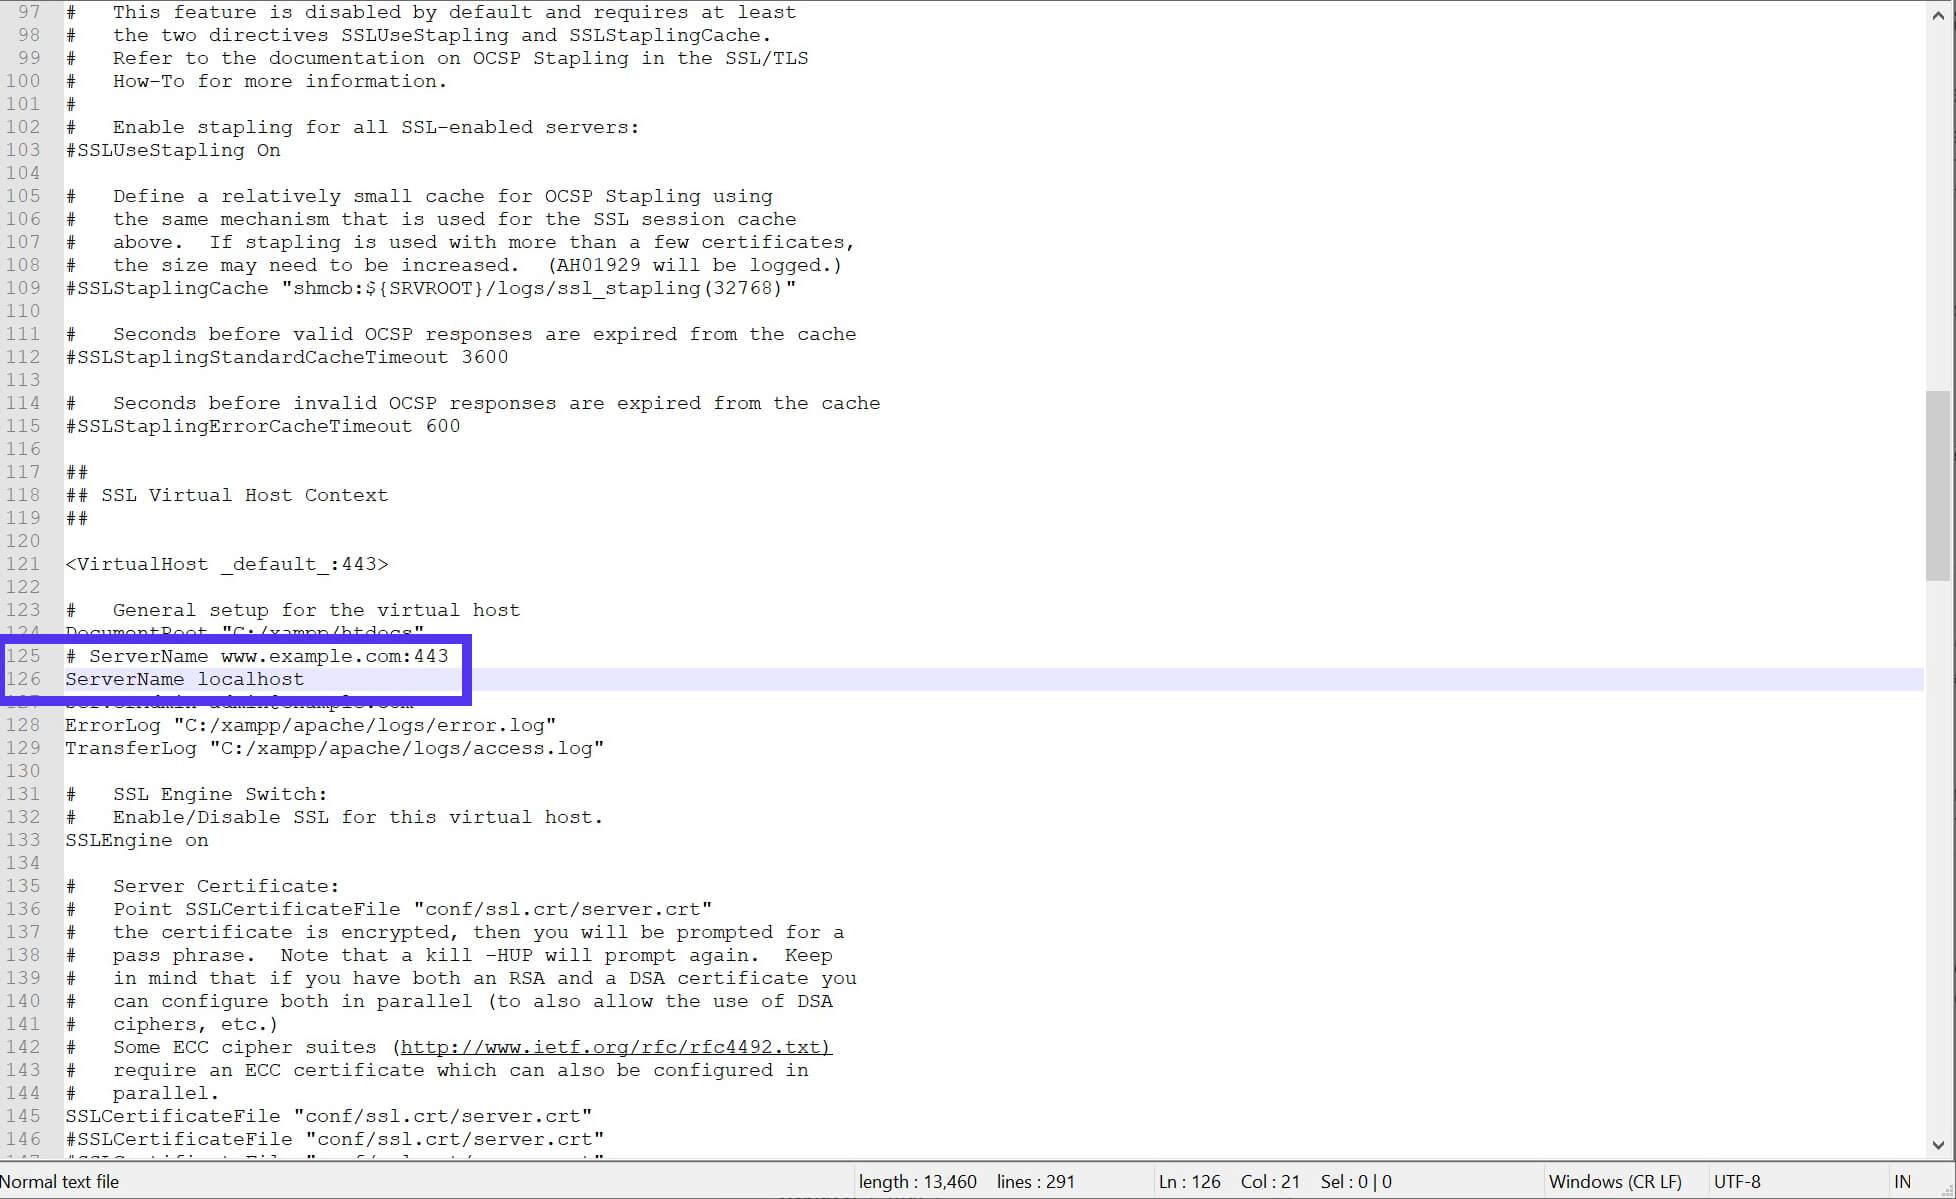 Archivo modificado httpd-ssl.conf.